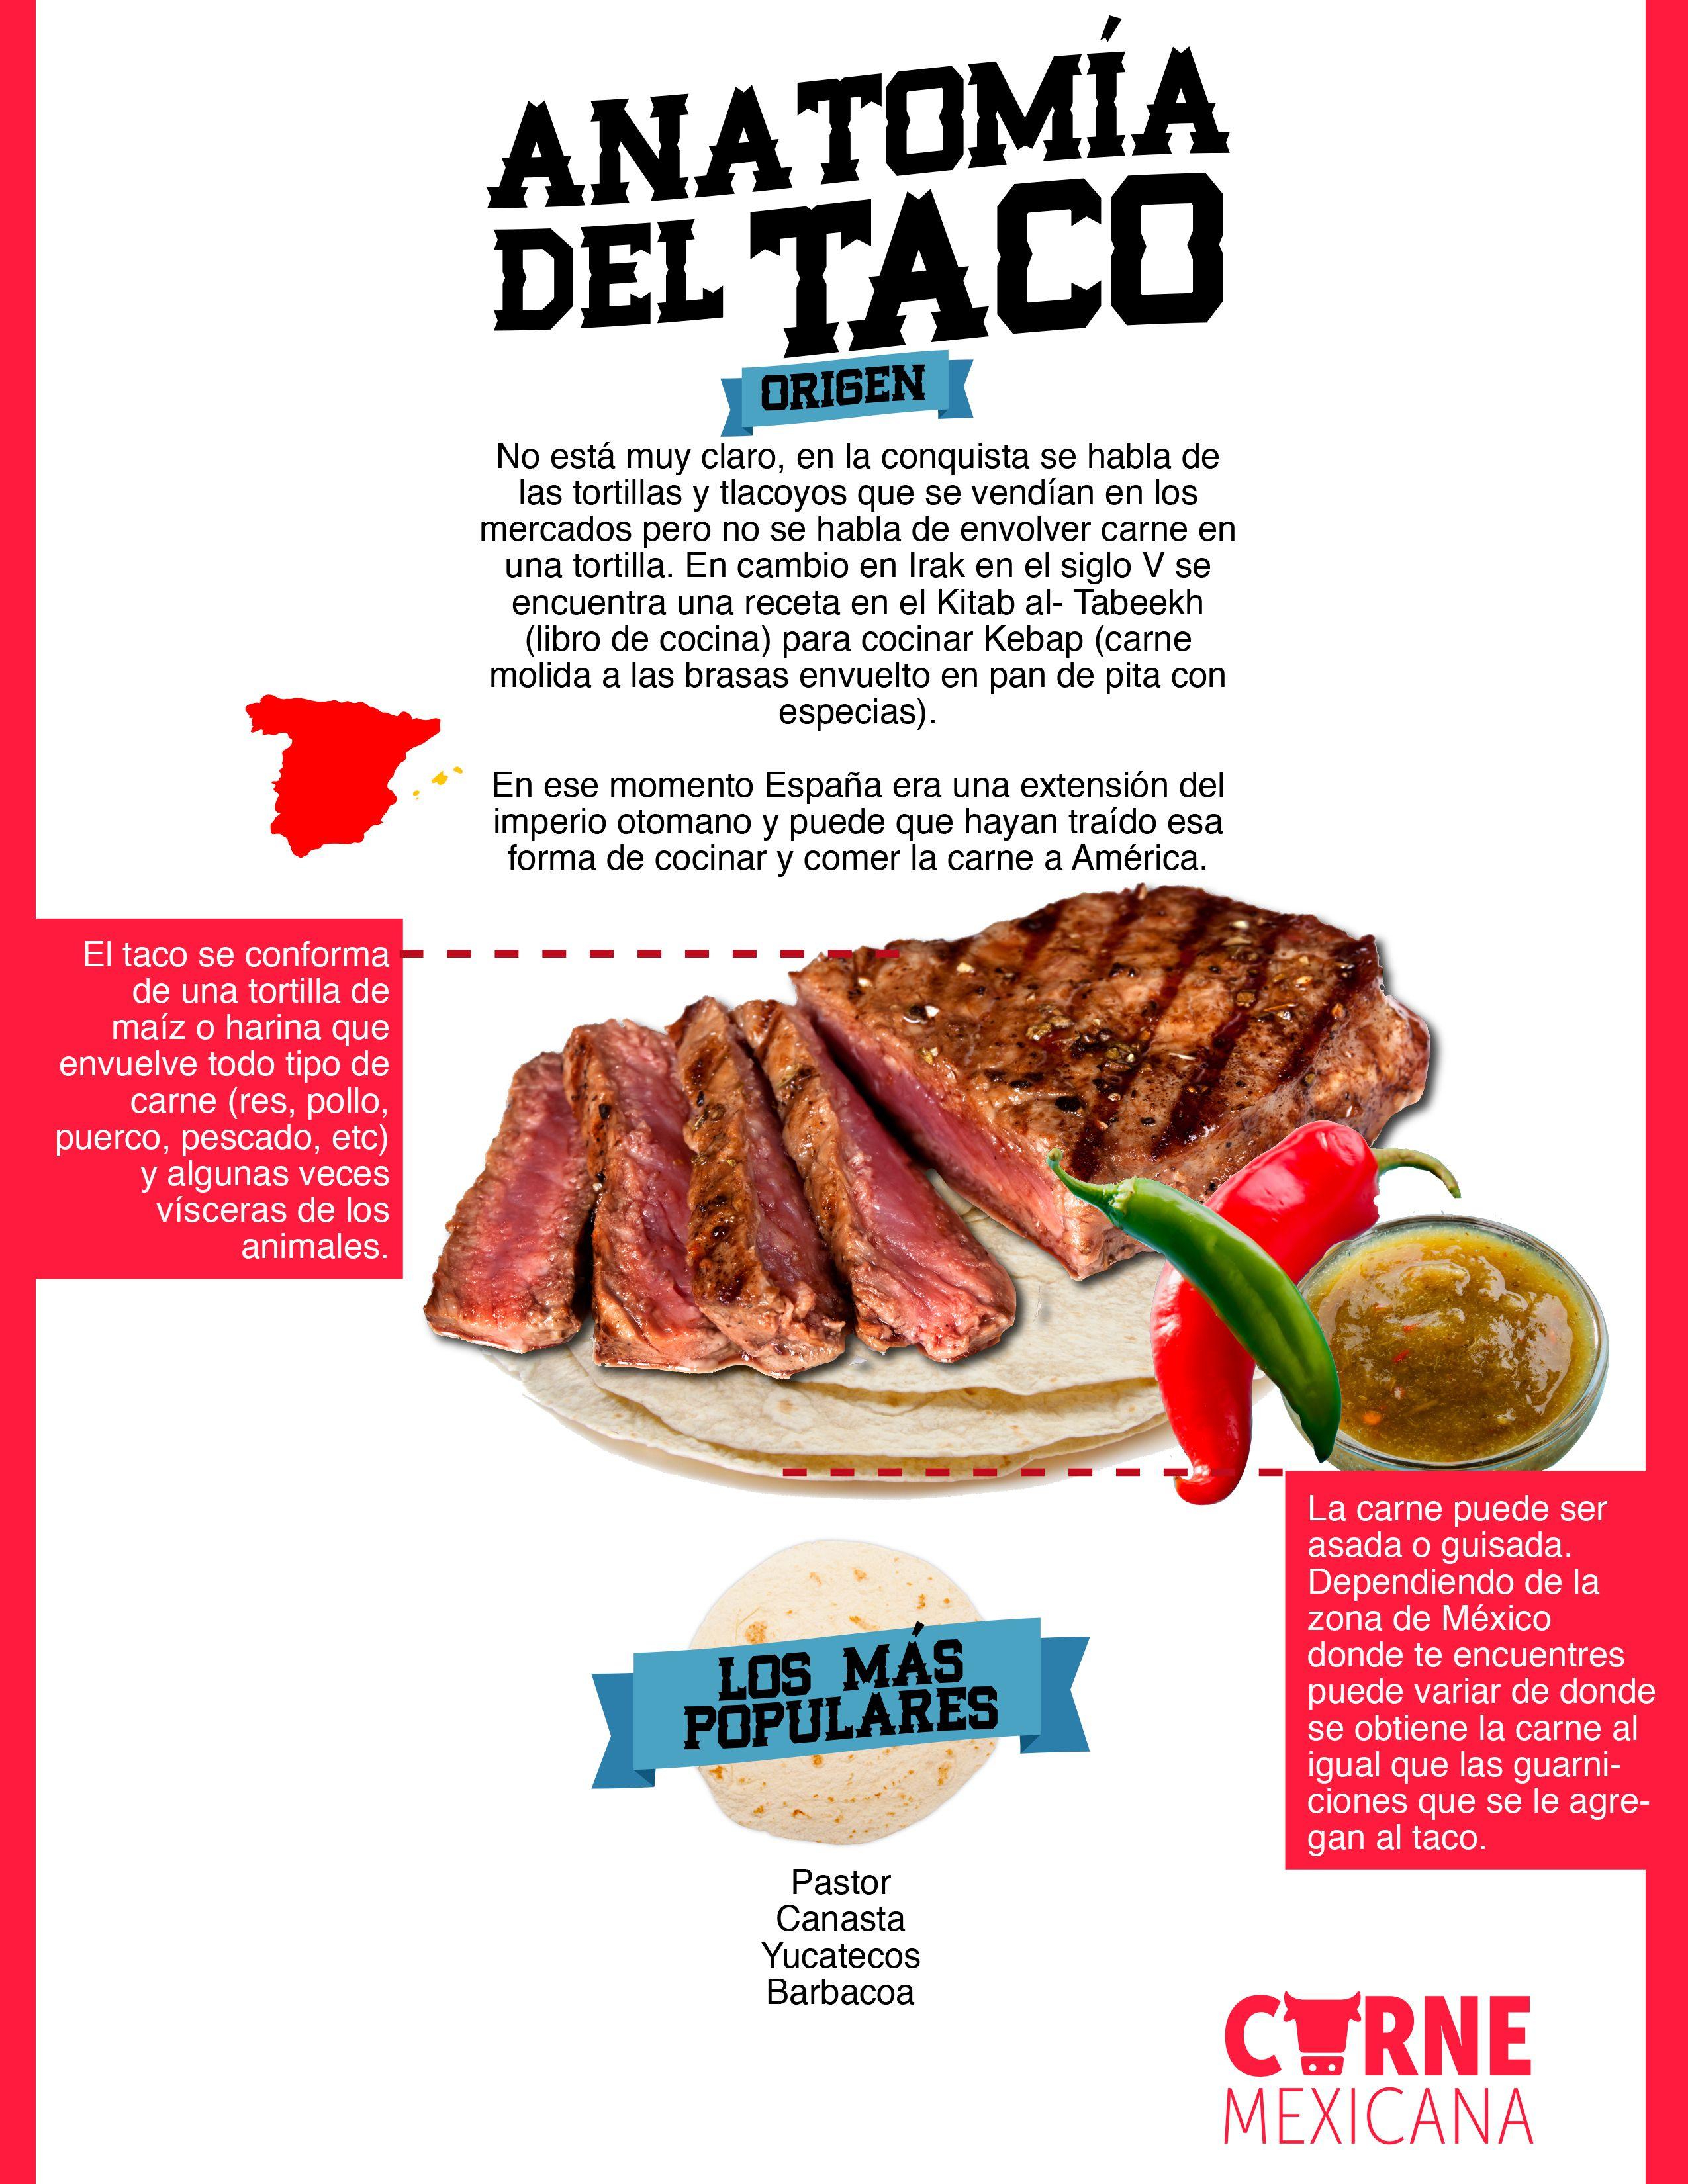 INFOGRAFÍA – ANATOMÍA DEL TACO | Equivalencias cocina, Del taco y Tacos